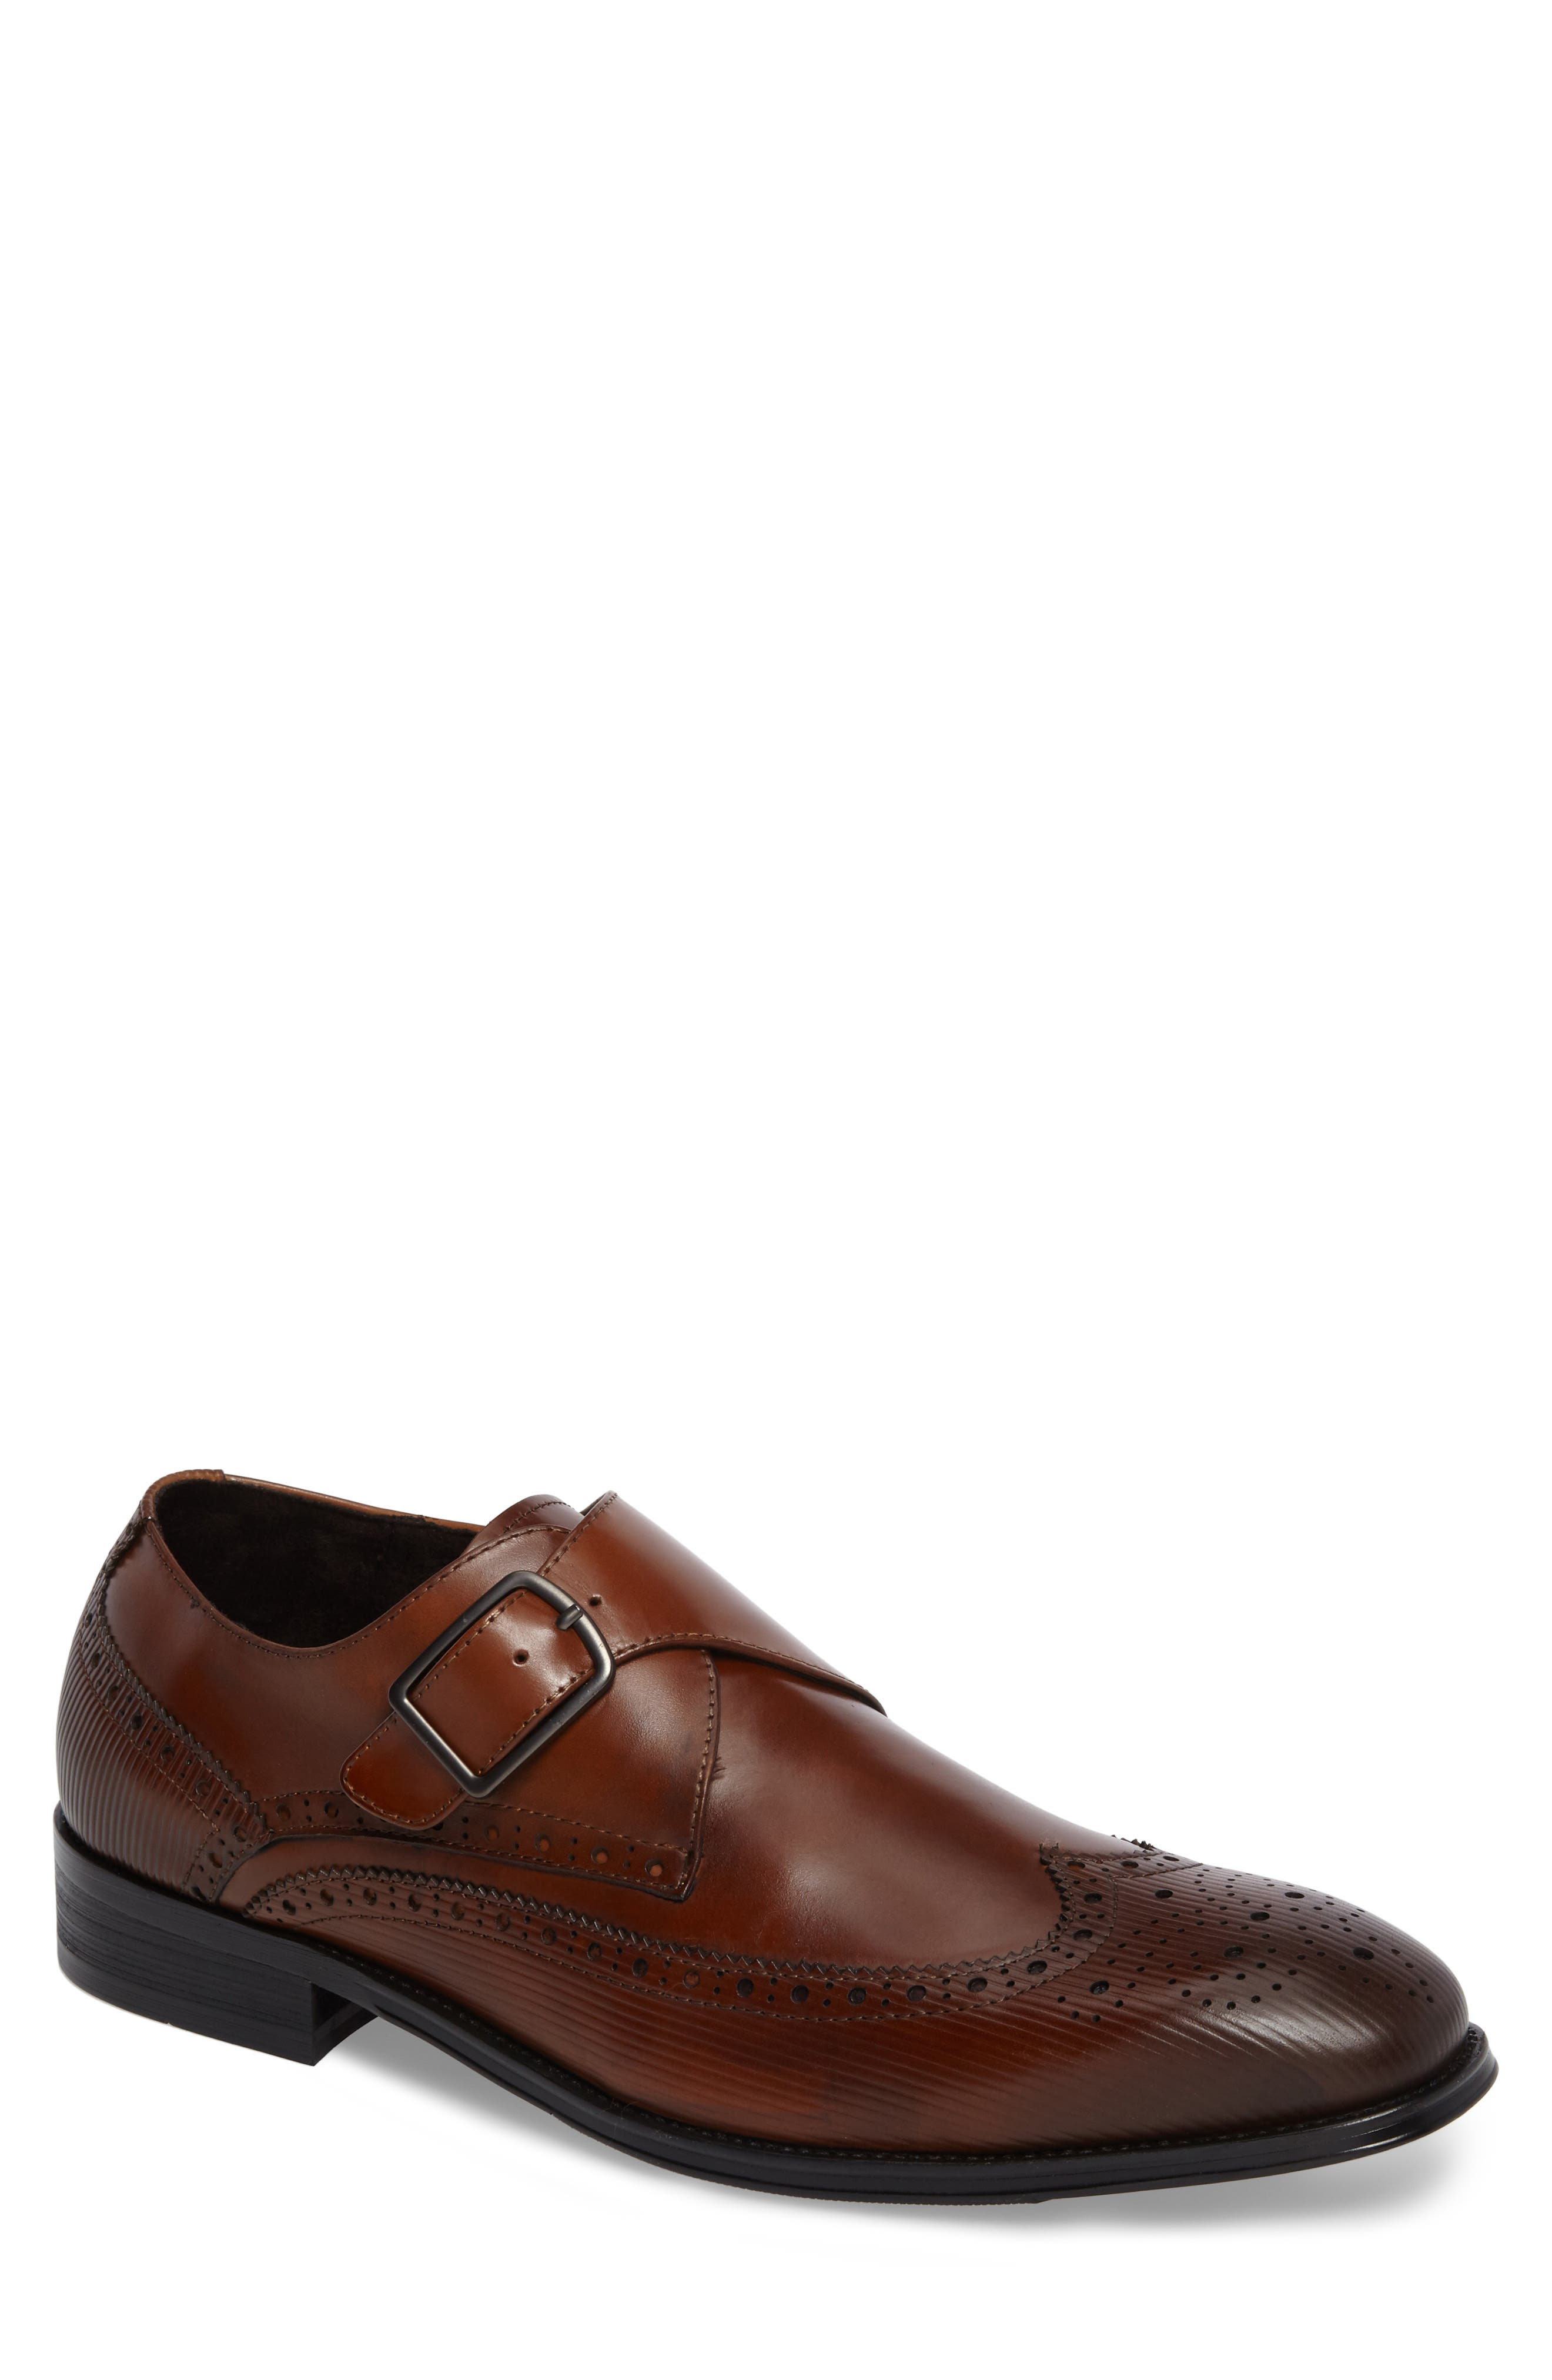 Design Monk Strap Shoe,                         Main,                         color, Cognac Leather